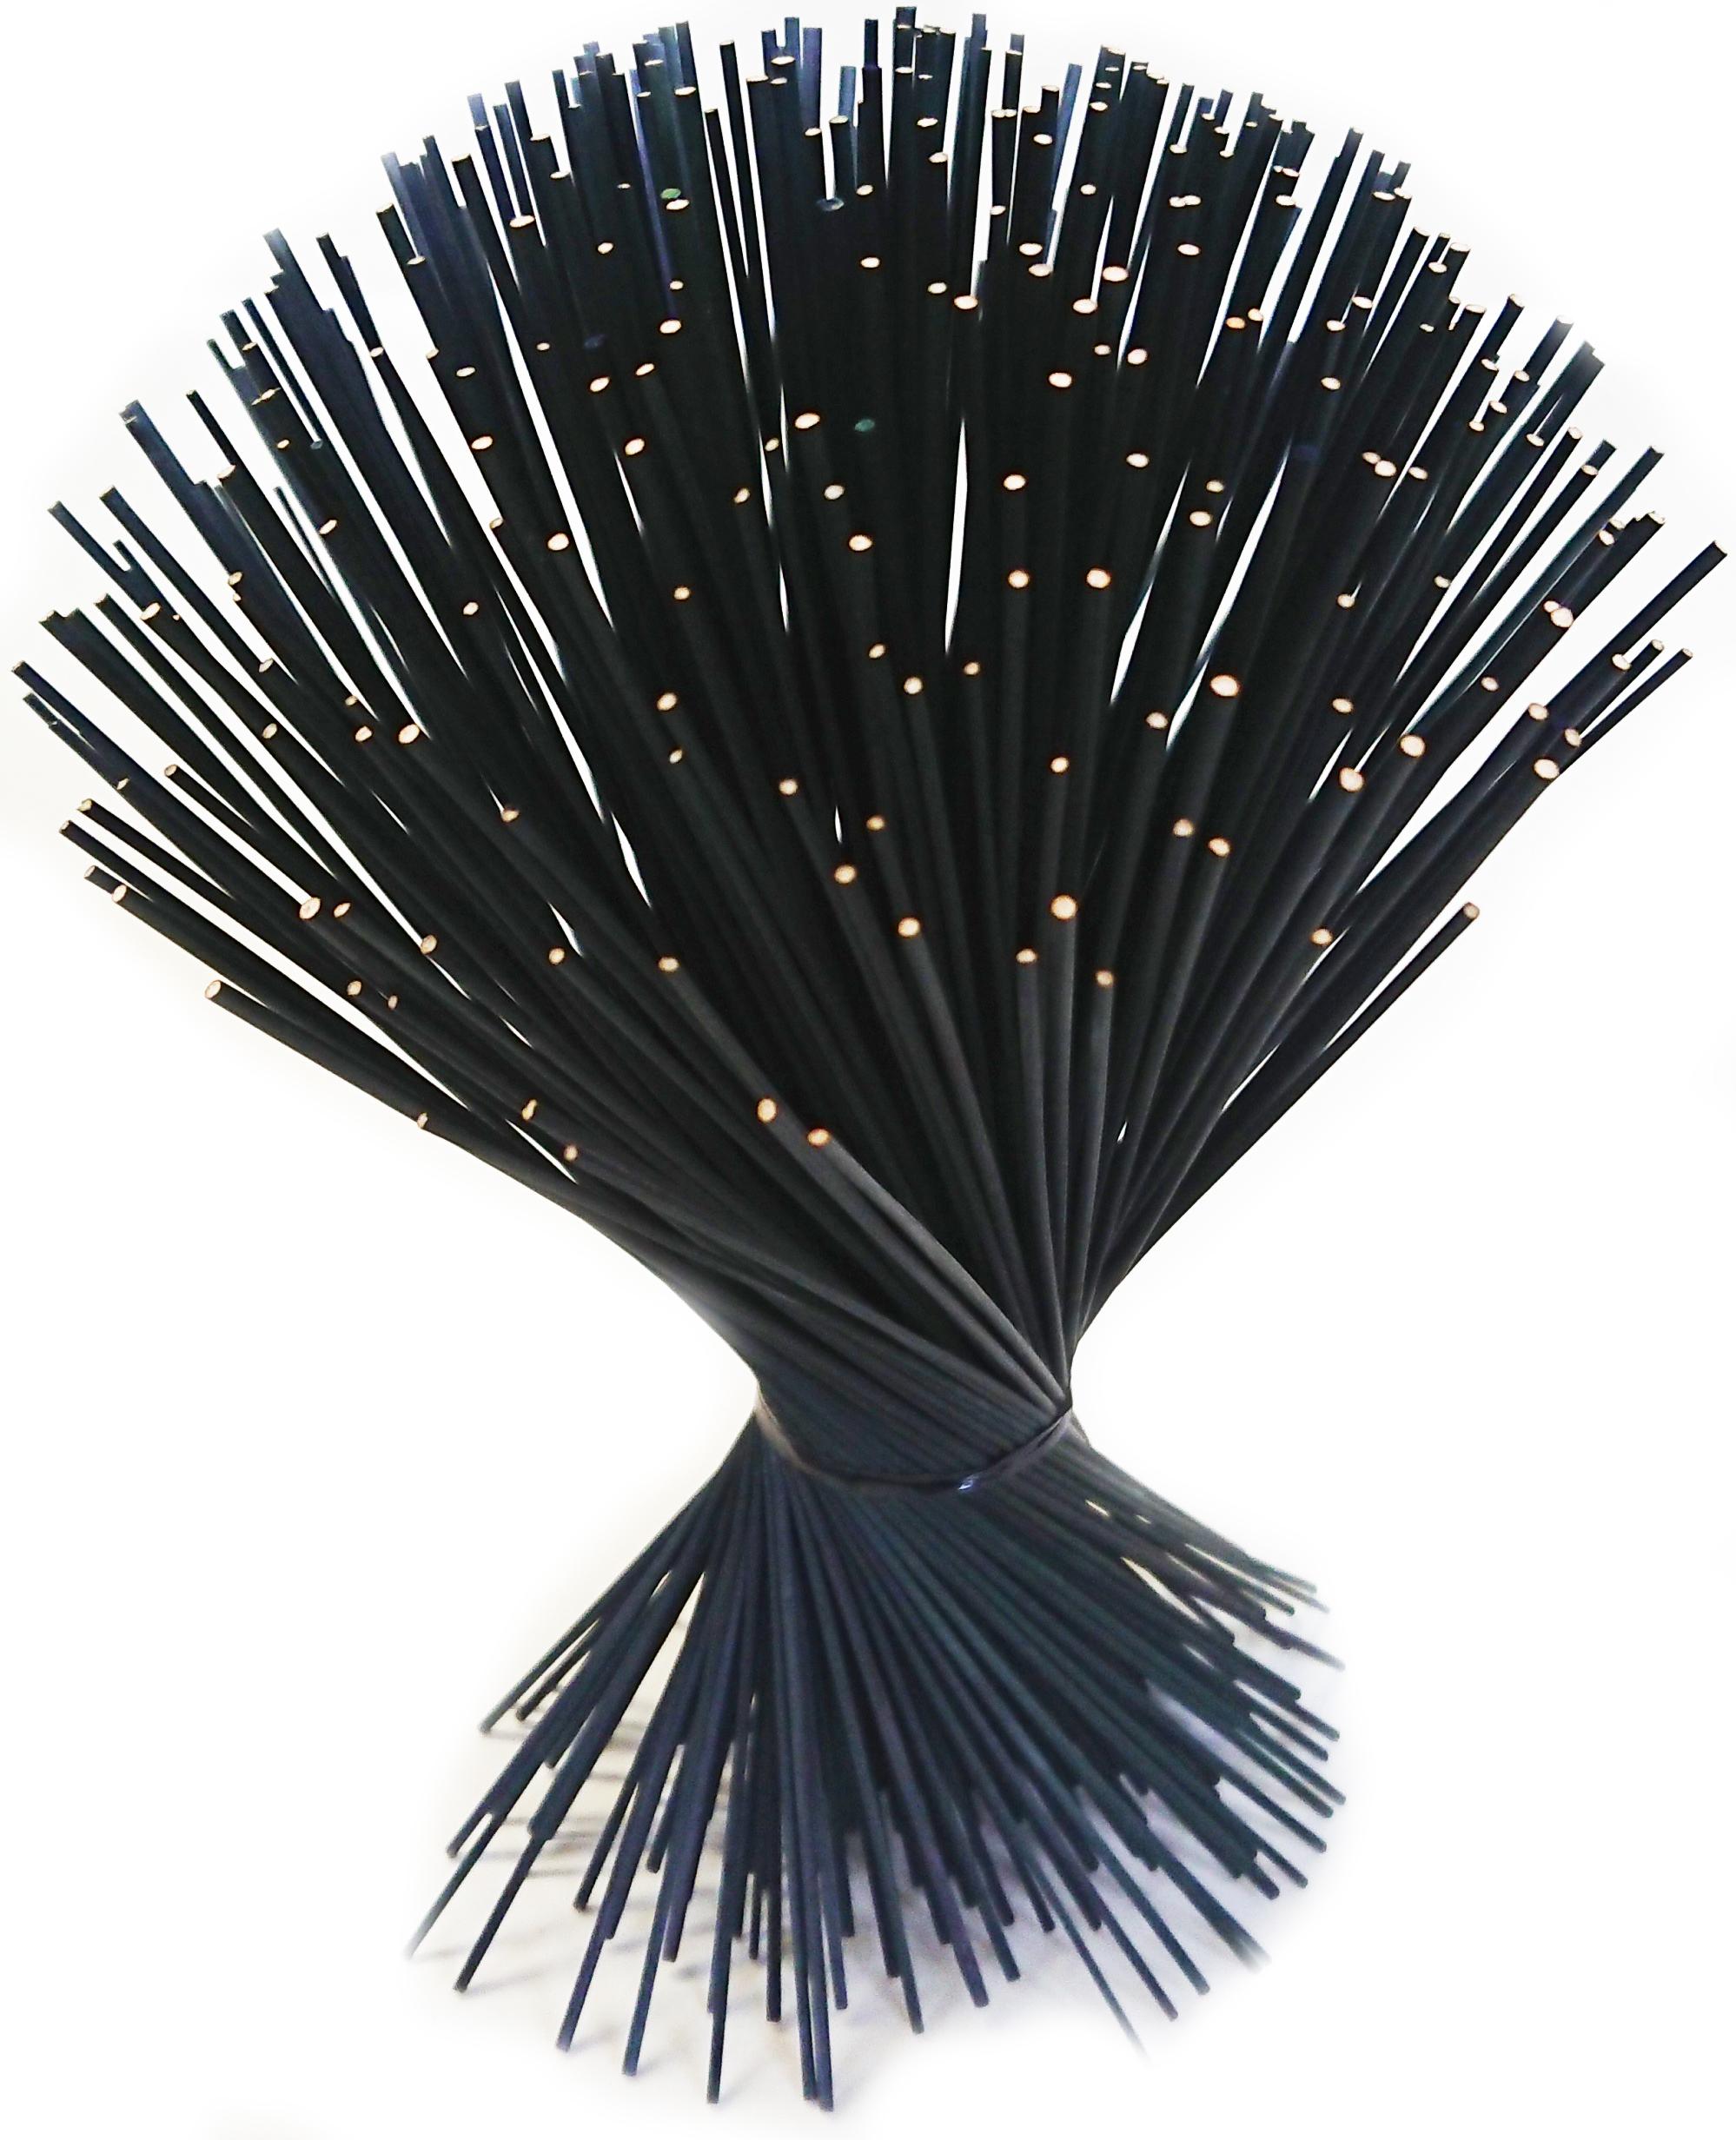 【イ草フラワー ミニ ブラック】Rush Grass Flower Mini Black 17.5cm